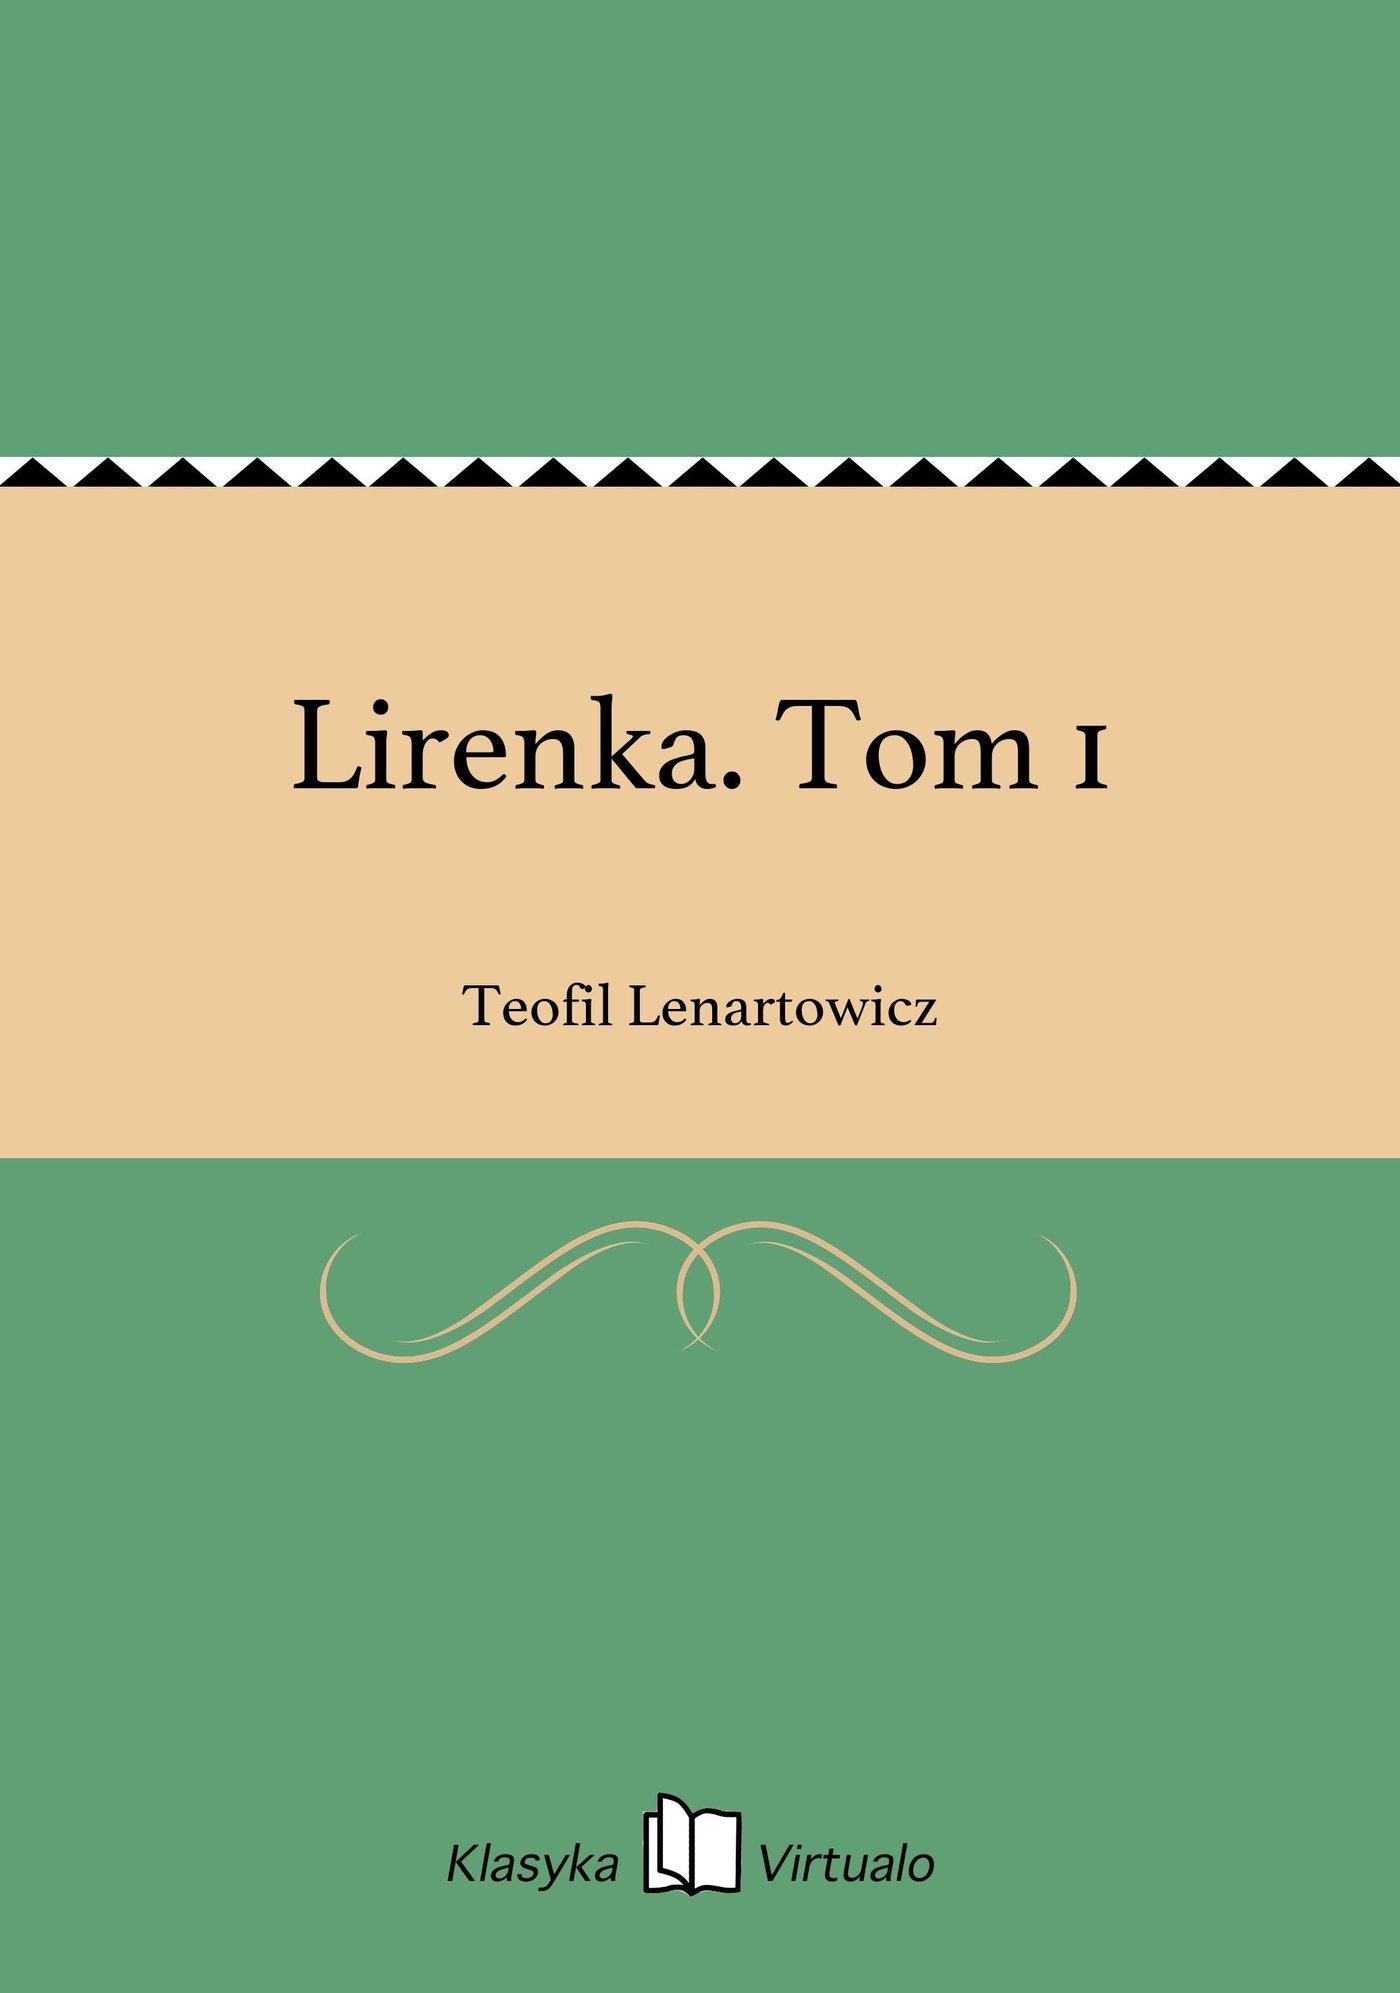 Lirenka. Tom 1 - Ebook (Książka EPUB) do pobrania w formacie EPUB